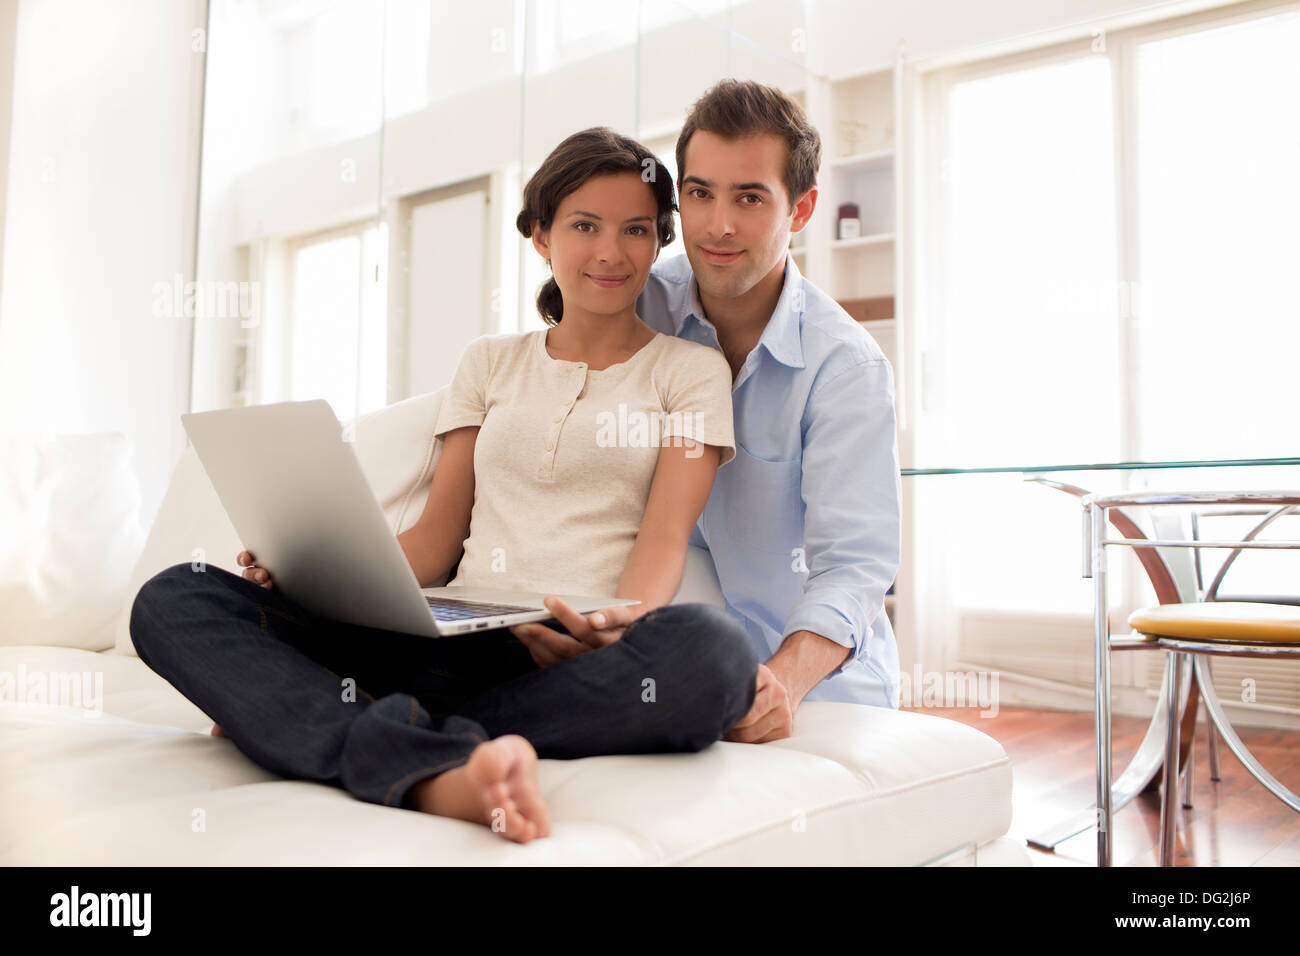 Mujer Hombre portátil salón interior amante, mirando la cámara Imagen De Stock